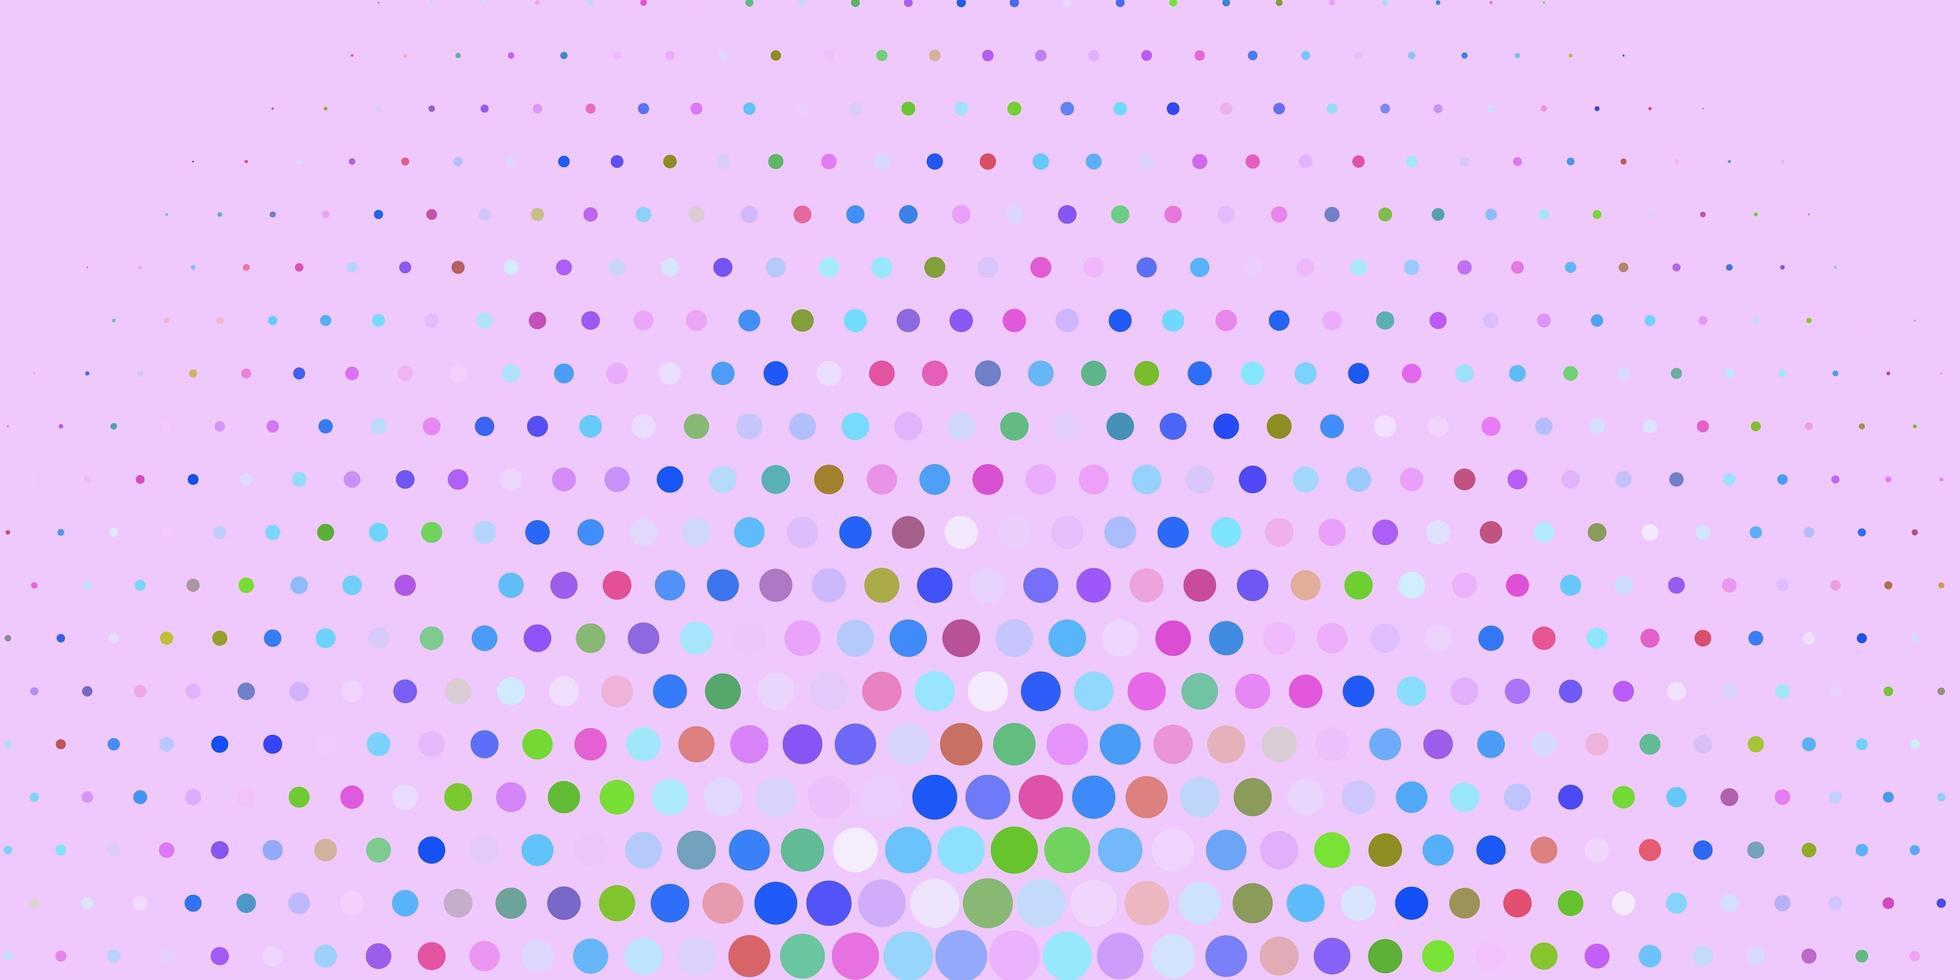 mehrfarbige Kreise auf lila Hintergrund. vektor